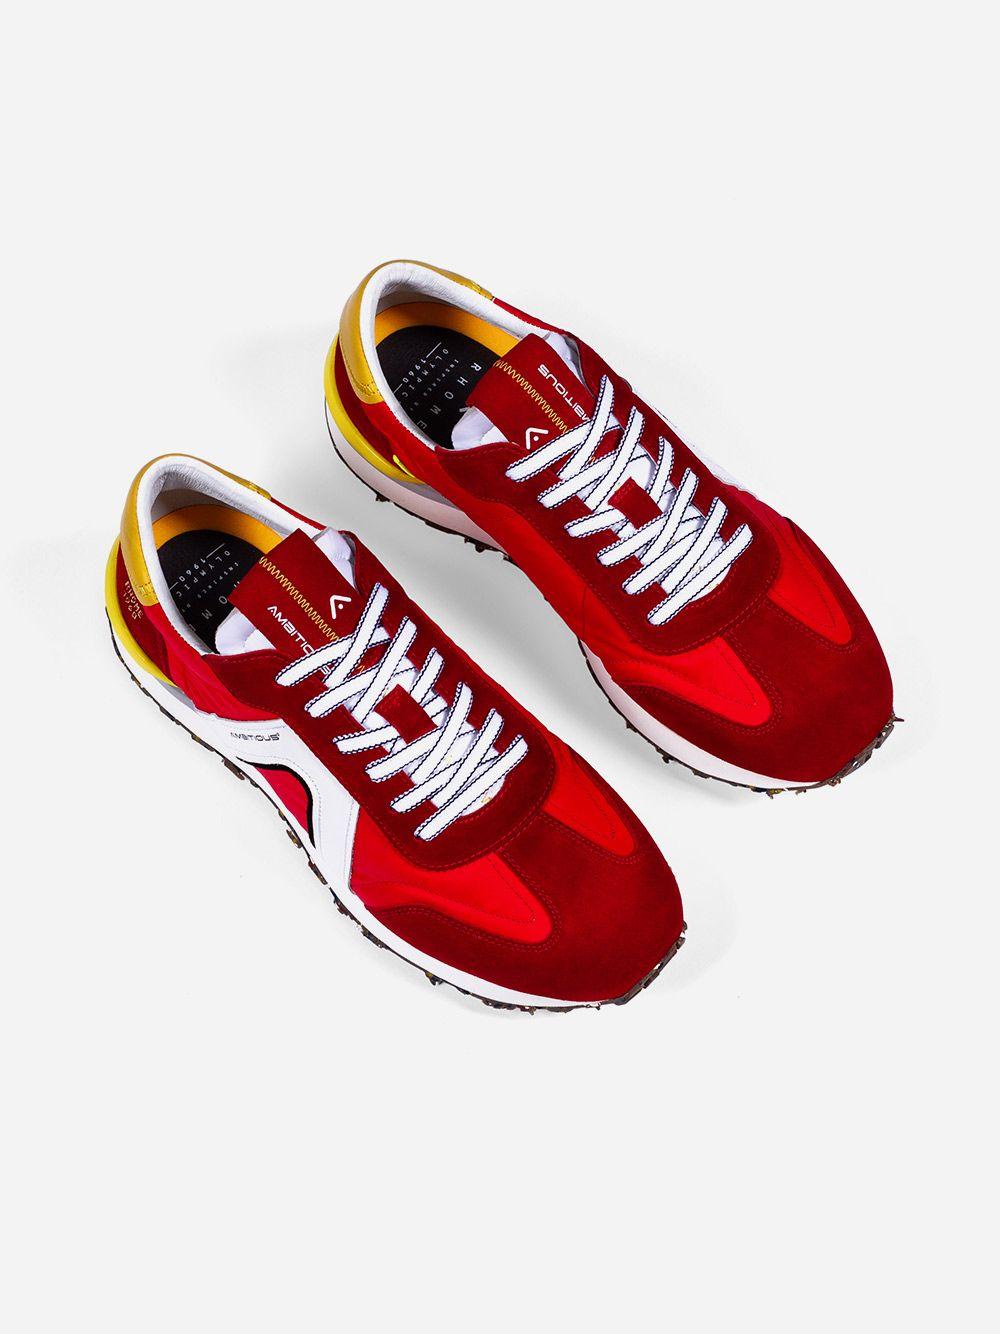 Sapatilhas vermelhas | AMBITIOUS